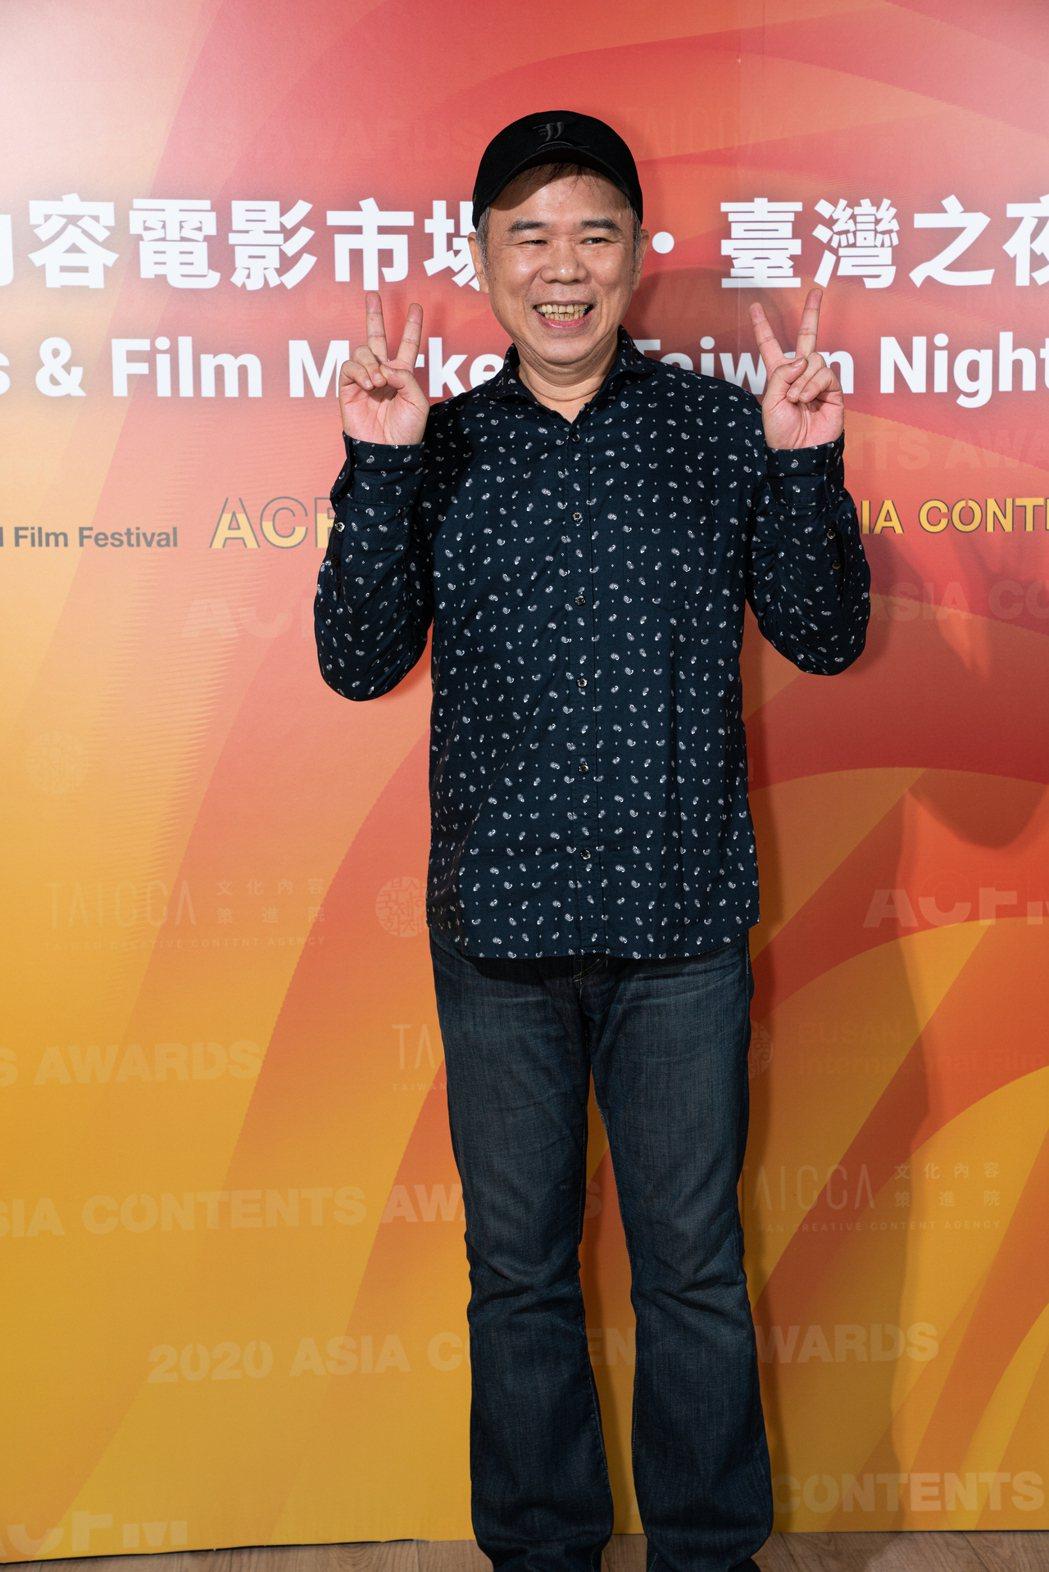 「消失的情人節」導演陳玉勳出席釜山影展台灣之夜。圖/文策院提供